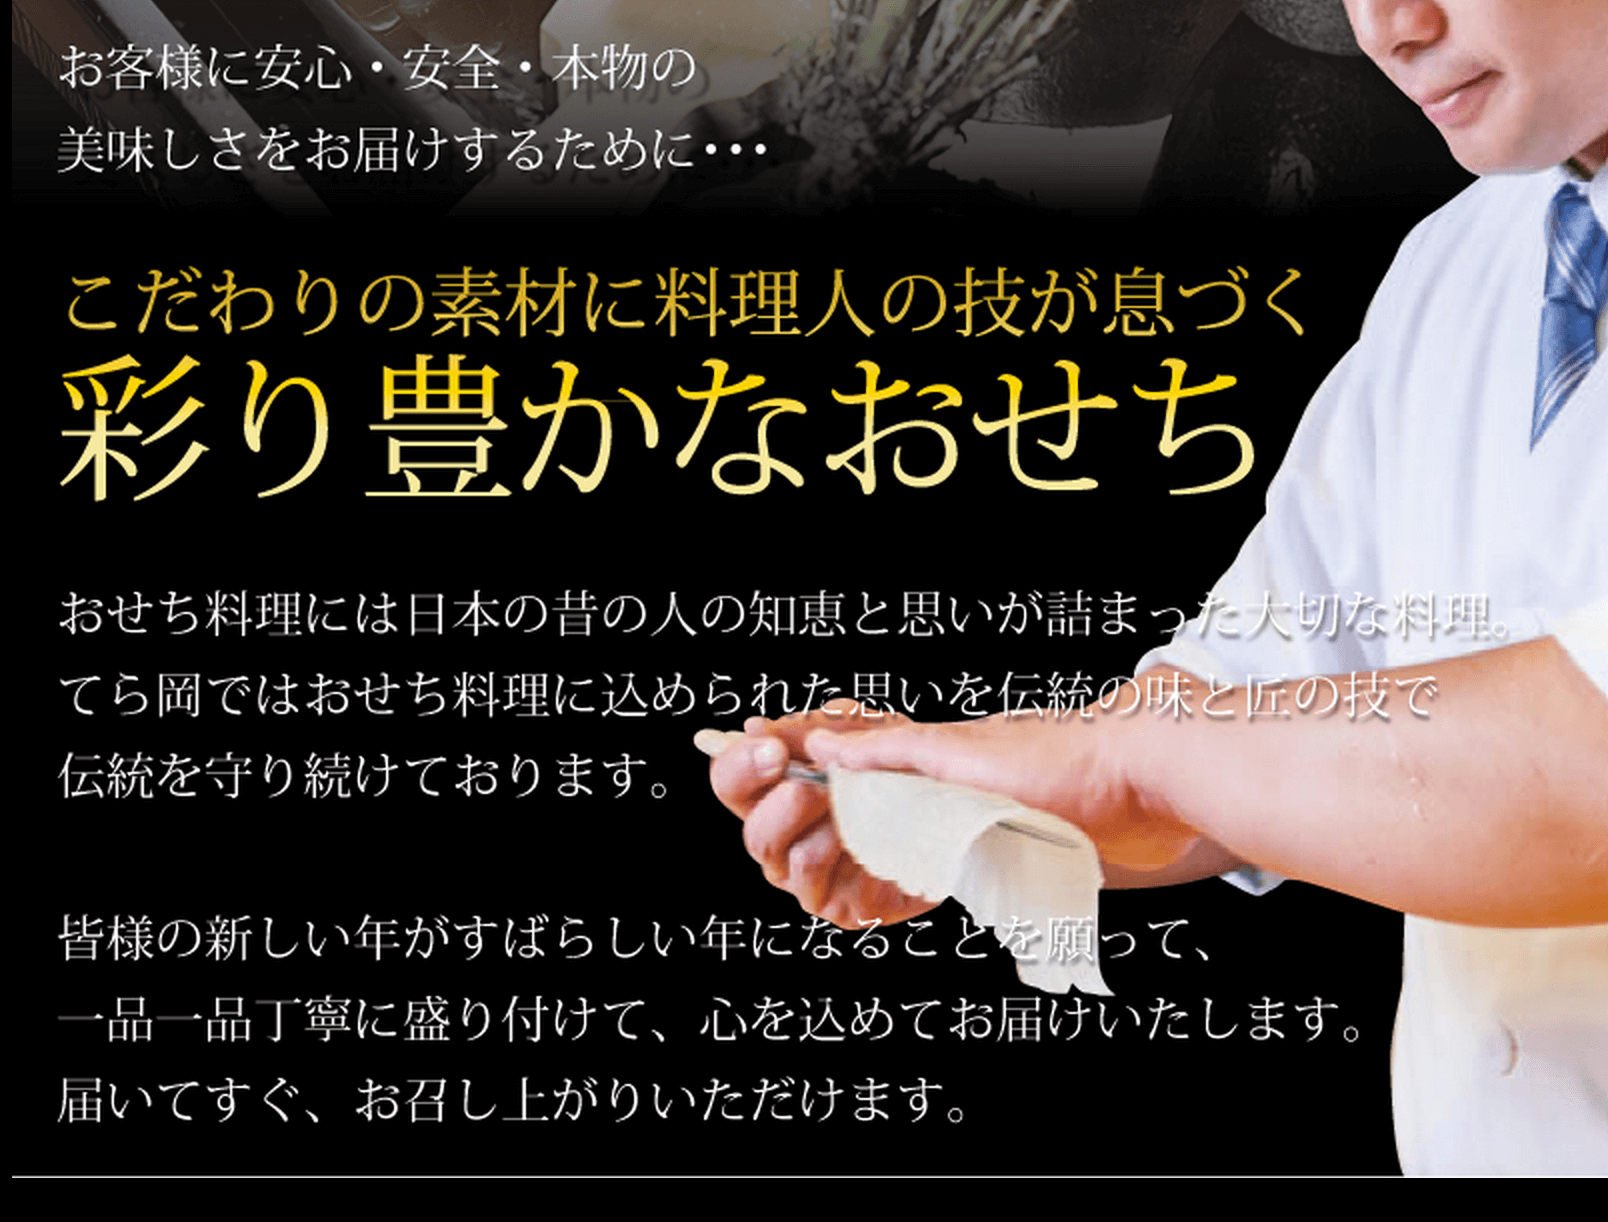 てら岡_おせち料理_2015年